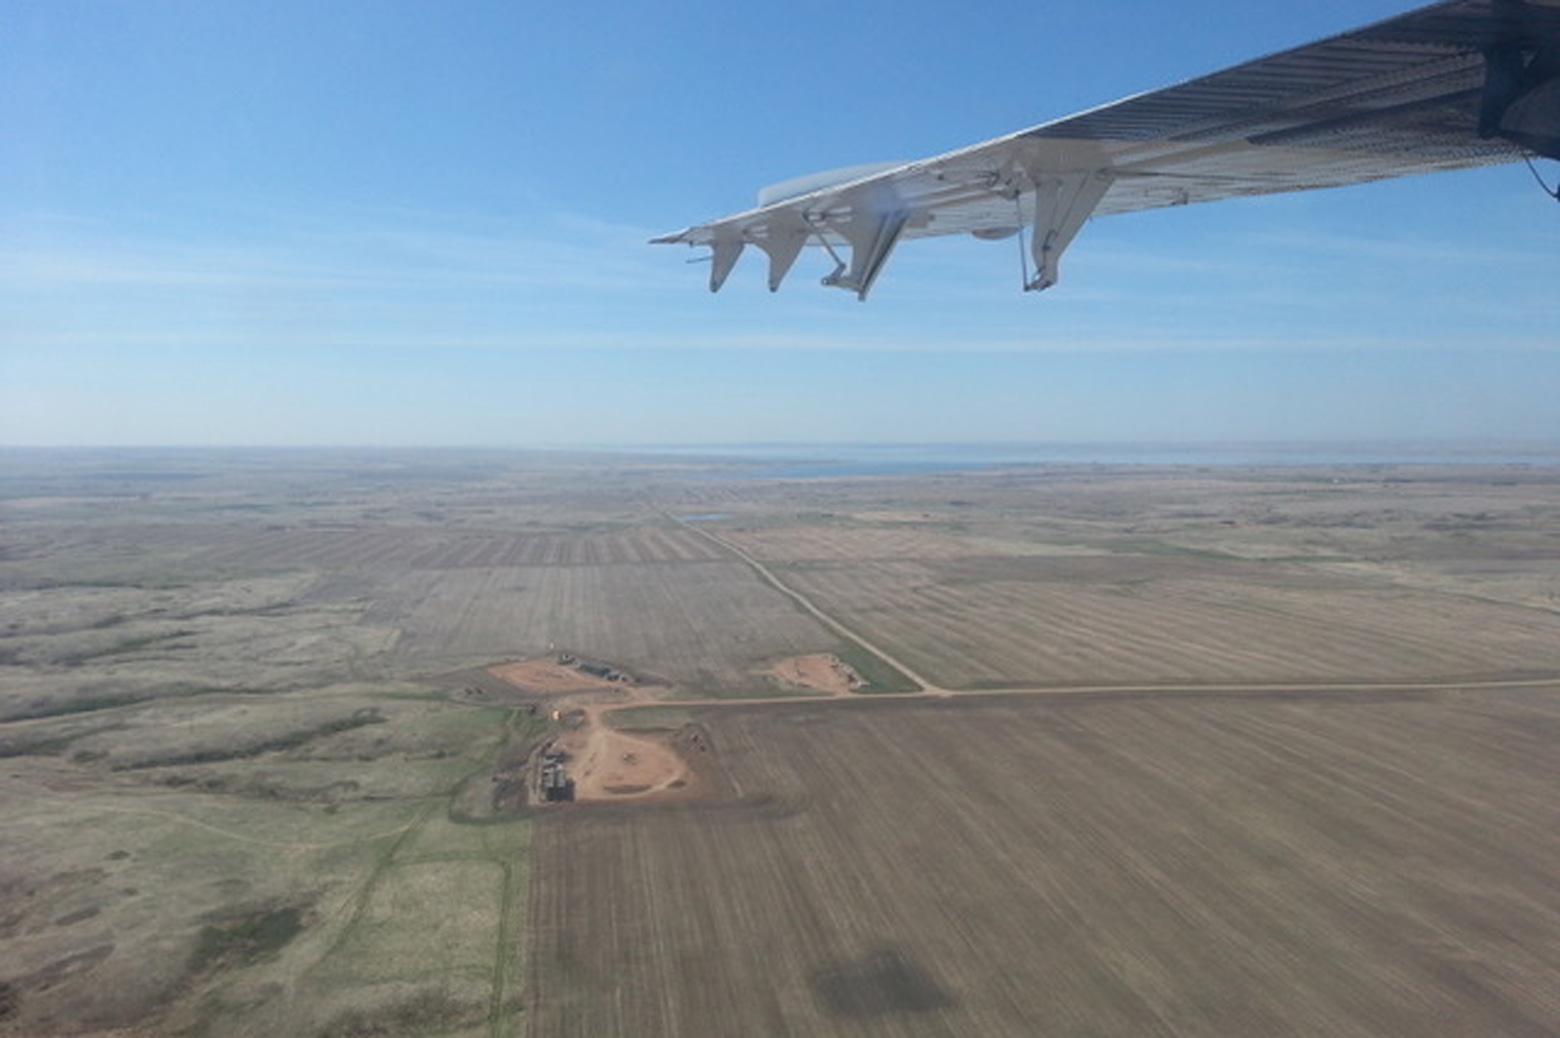 View of Bakken shale in North Dakota from a plane in flight